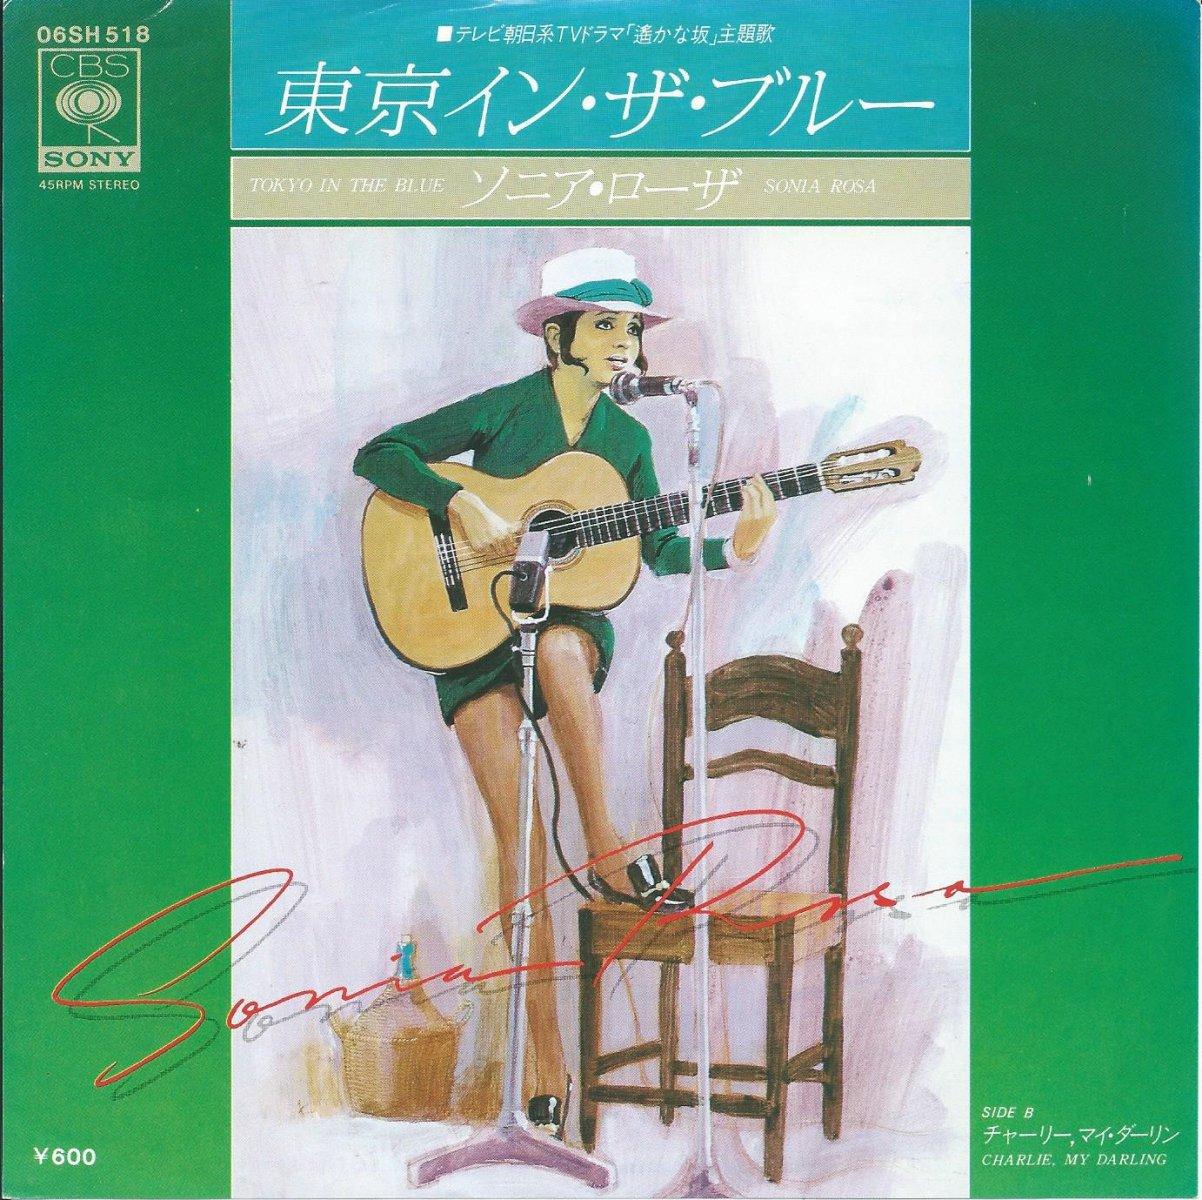 ソニア・ローザ SONIA ROSA (大野雄二) / 東京イン・ザ・ブルー TOKYO IN THE BLUE (7